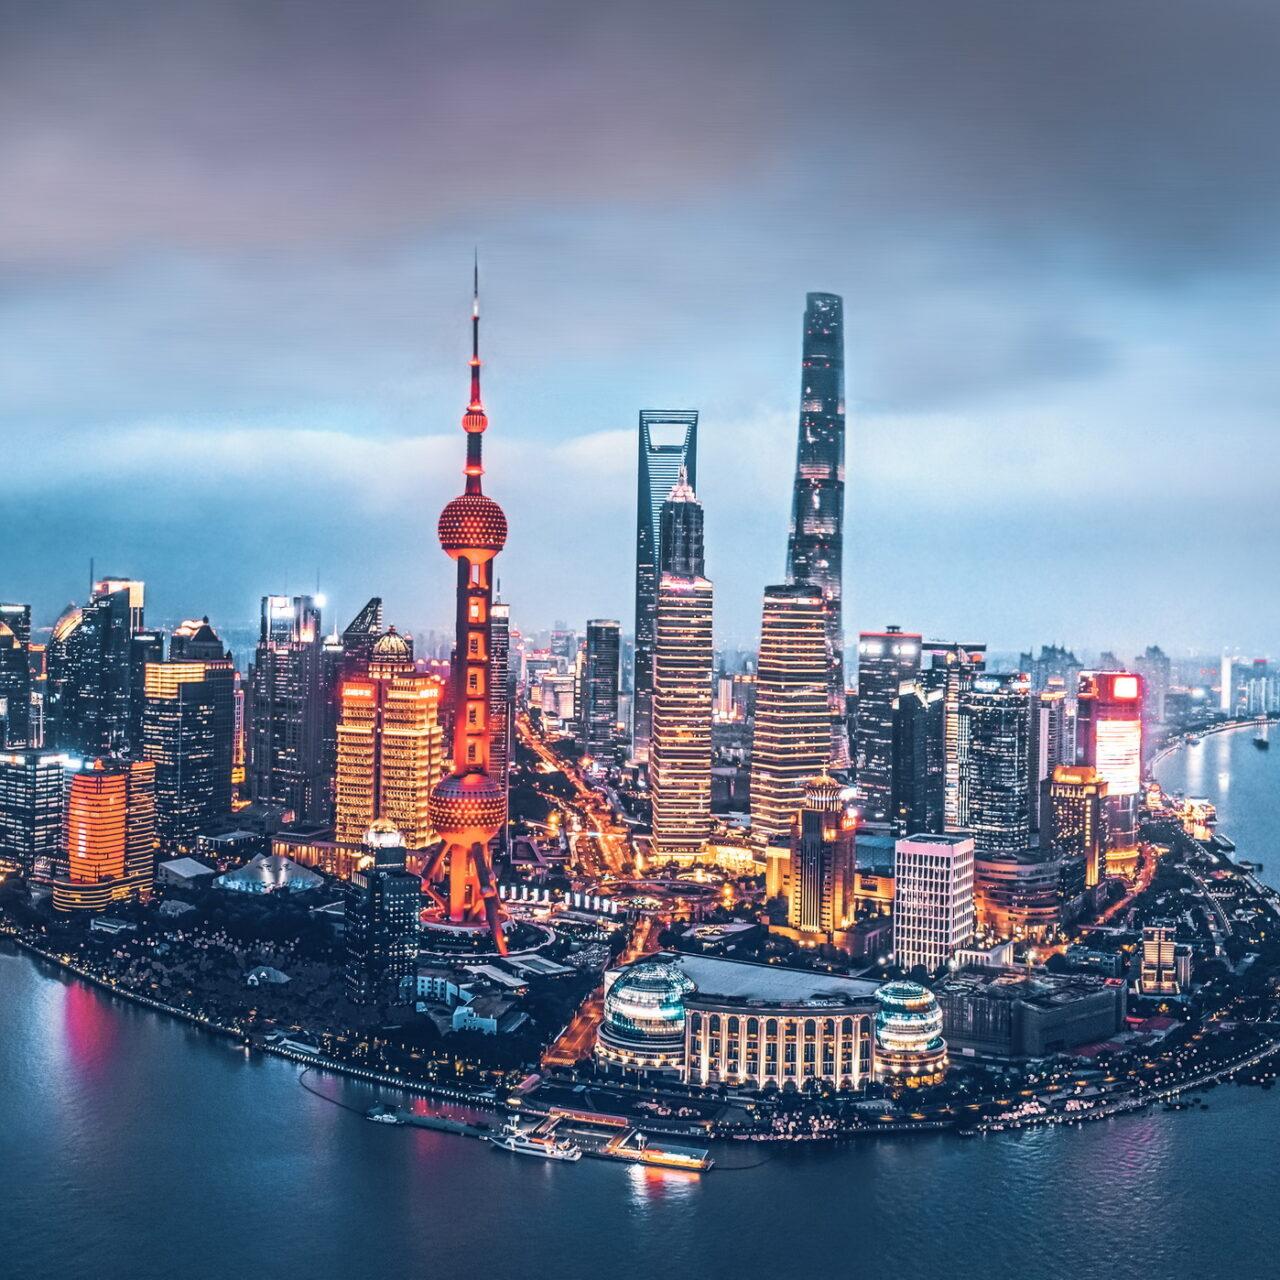 Asiatische Finanzwerte bergen Chancen